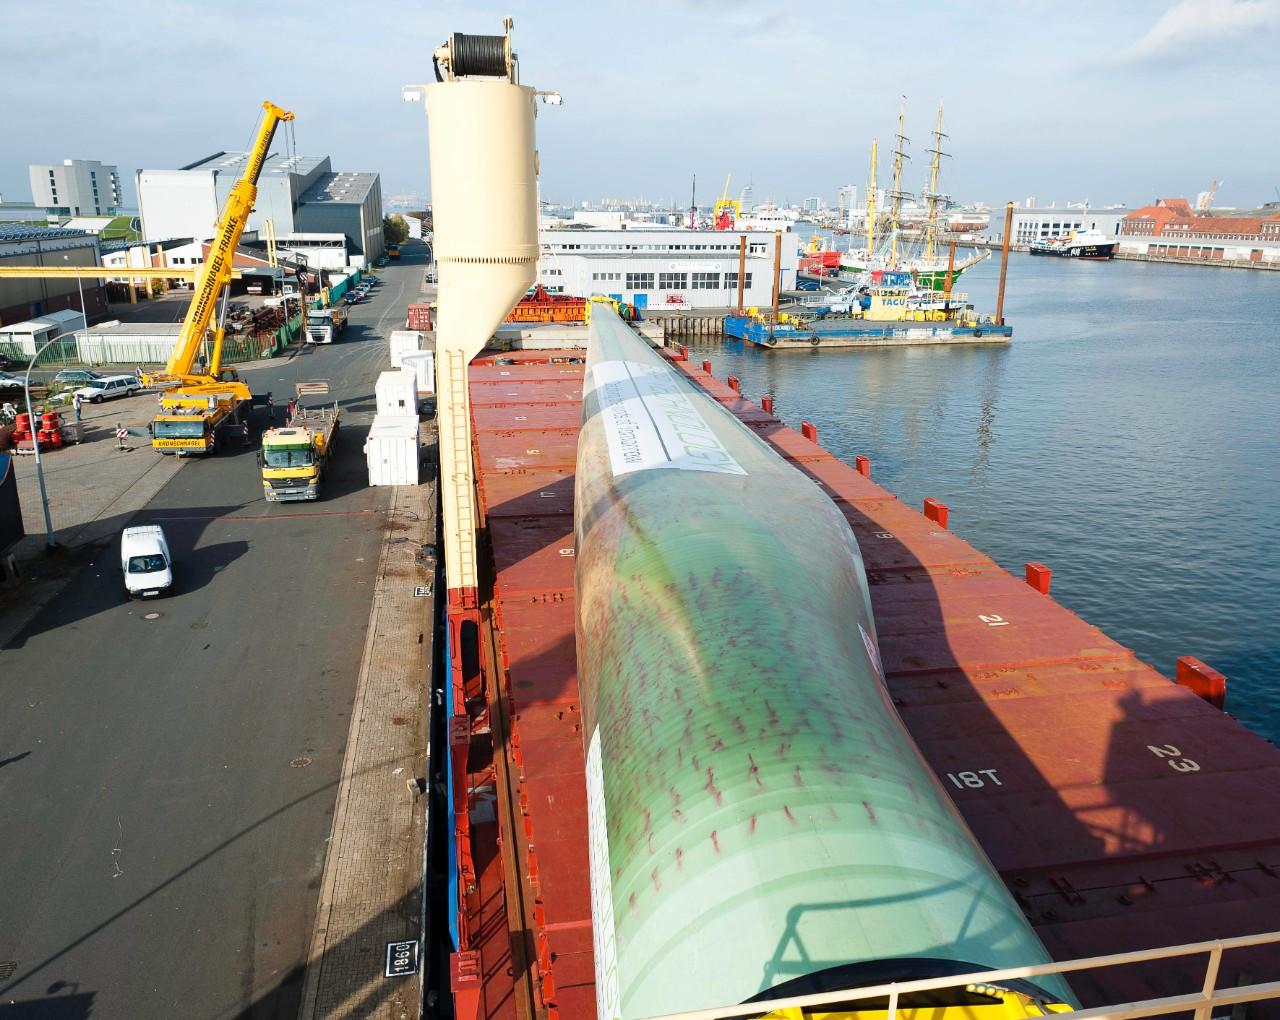 Nur ein kurzer Weg für das weltgrößte Rotorblatt vom Schiff zu den Testhallen. © Fraunhofer IWES, Dieter Hergeth